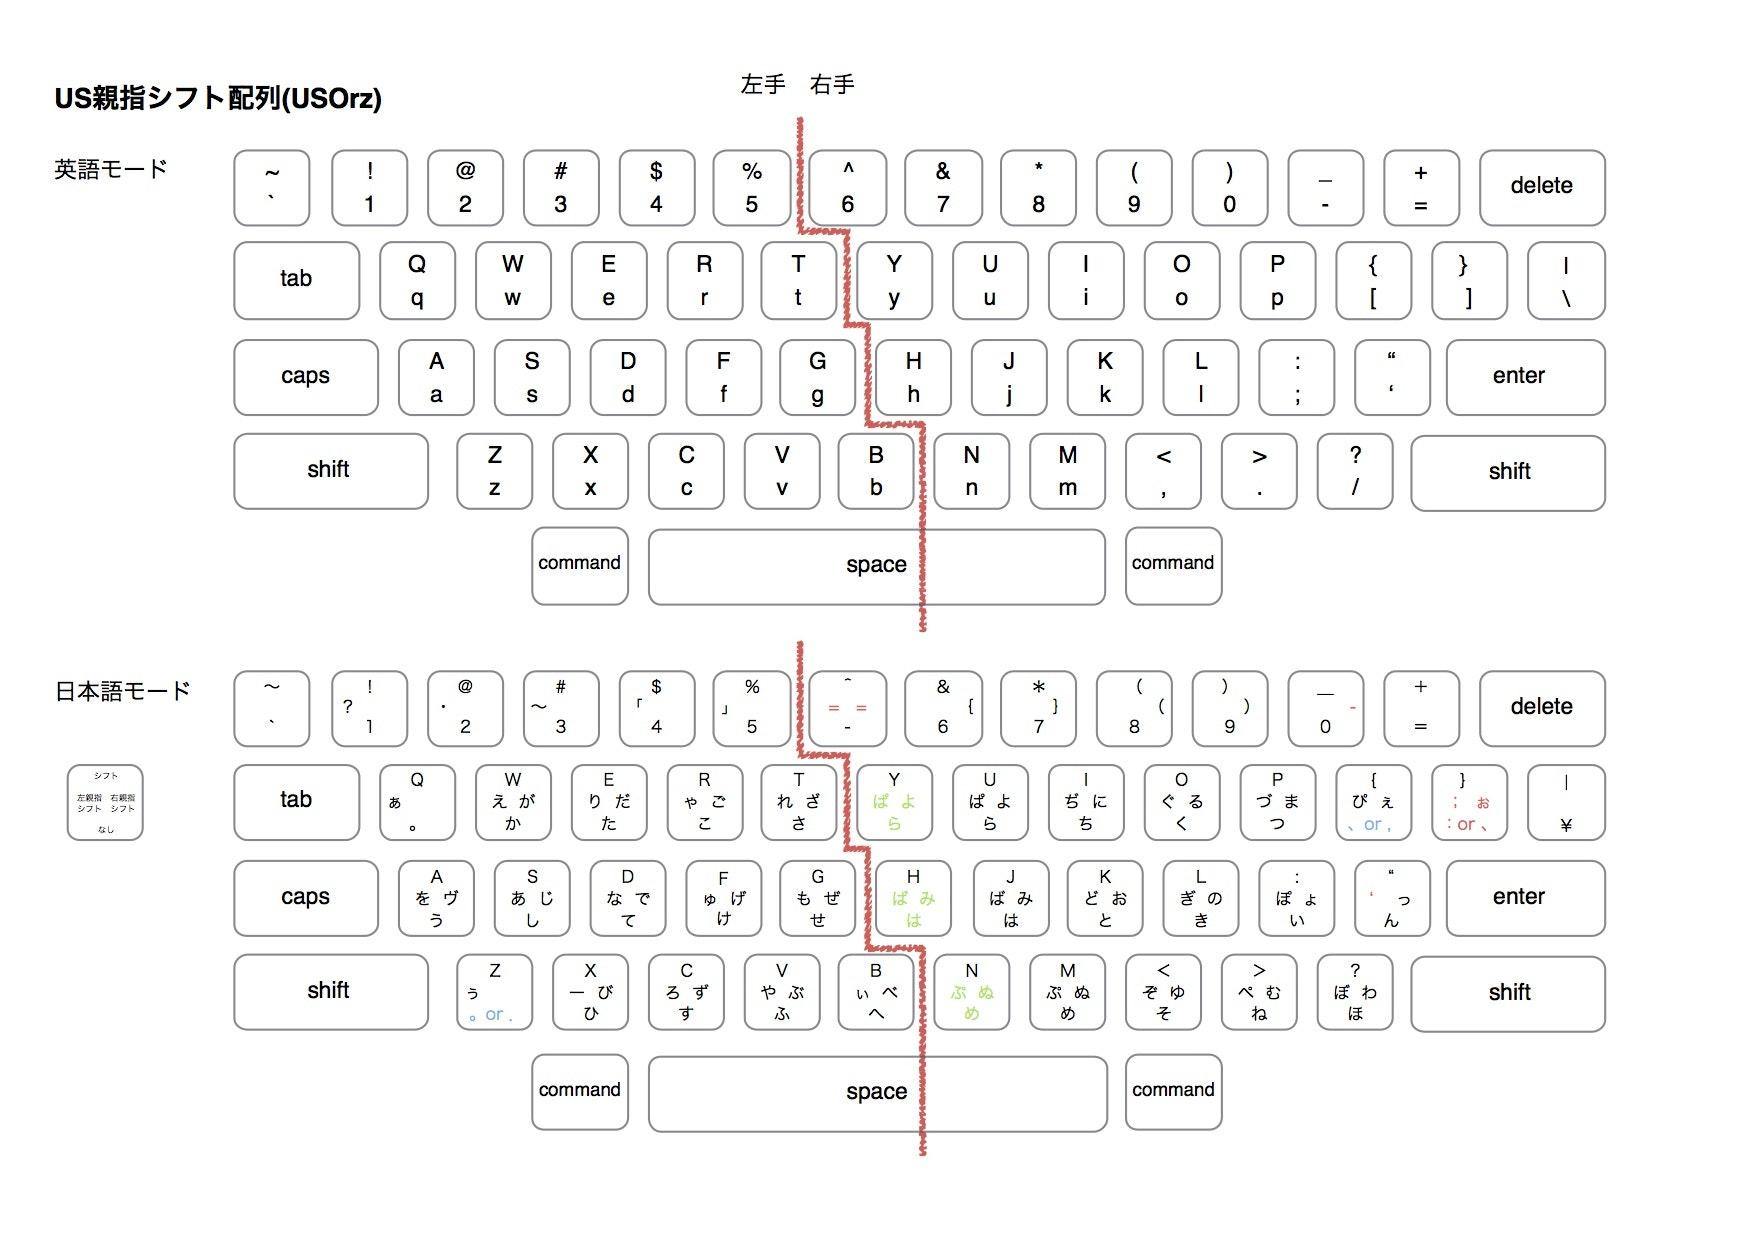 us_keyboard orz.jpg